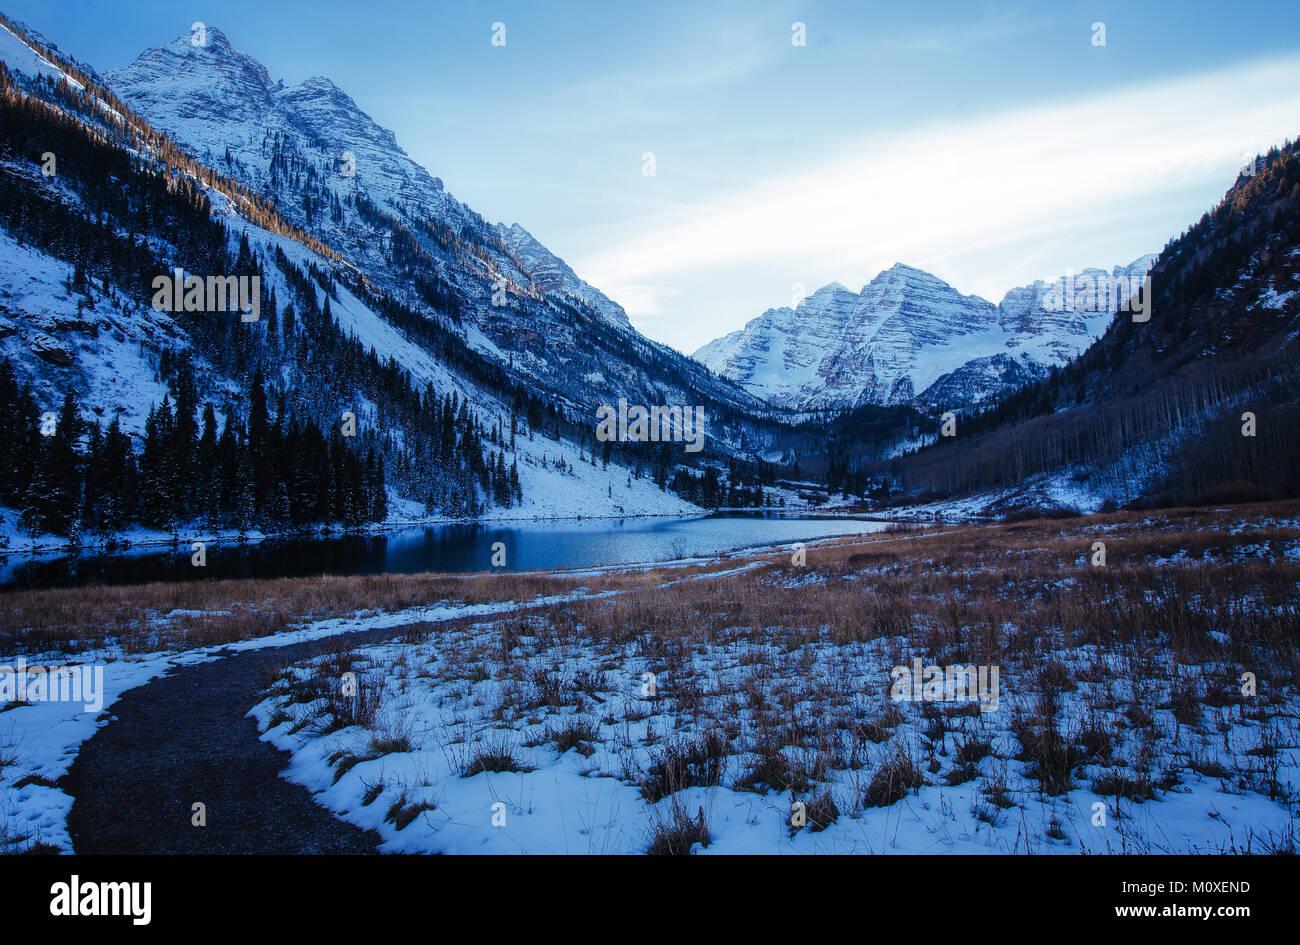 Maroon Bells in Winter - Stock Image